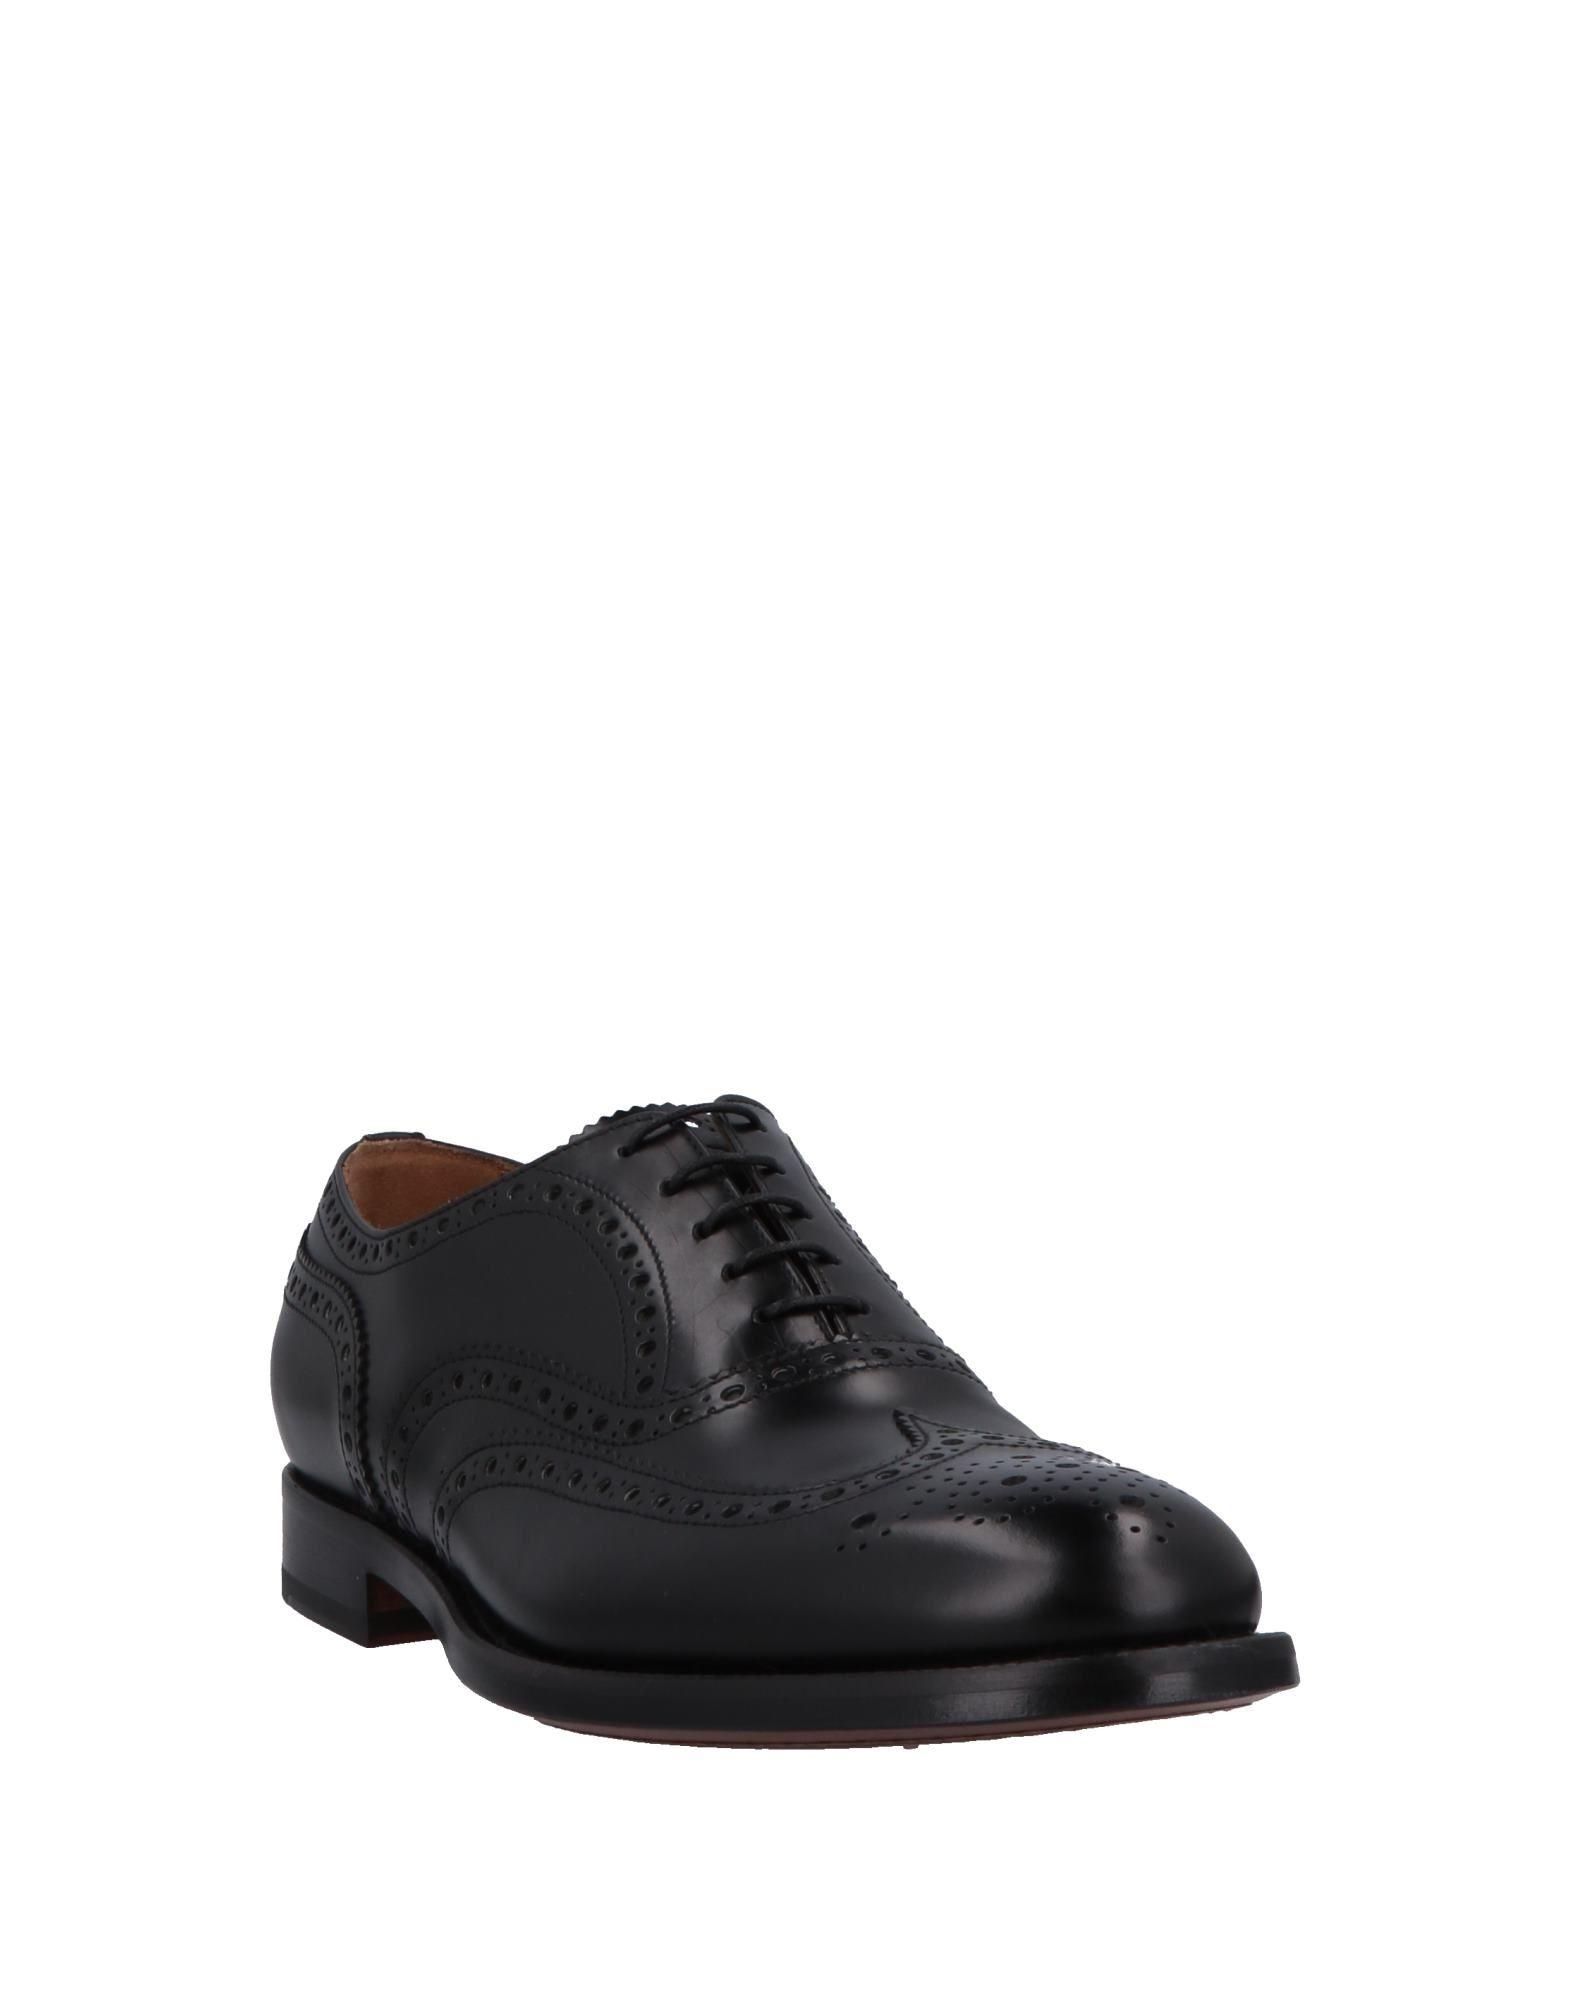 Doucal's Schnürschuhe Gute Herren  11506308WQ Gute Schnürschuhe Qualität beliebte Schuhe 30b614